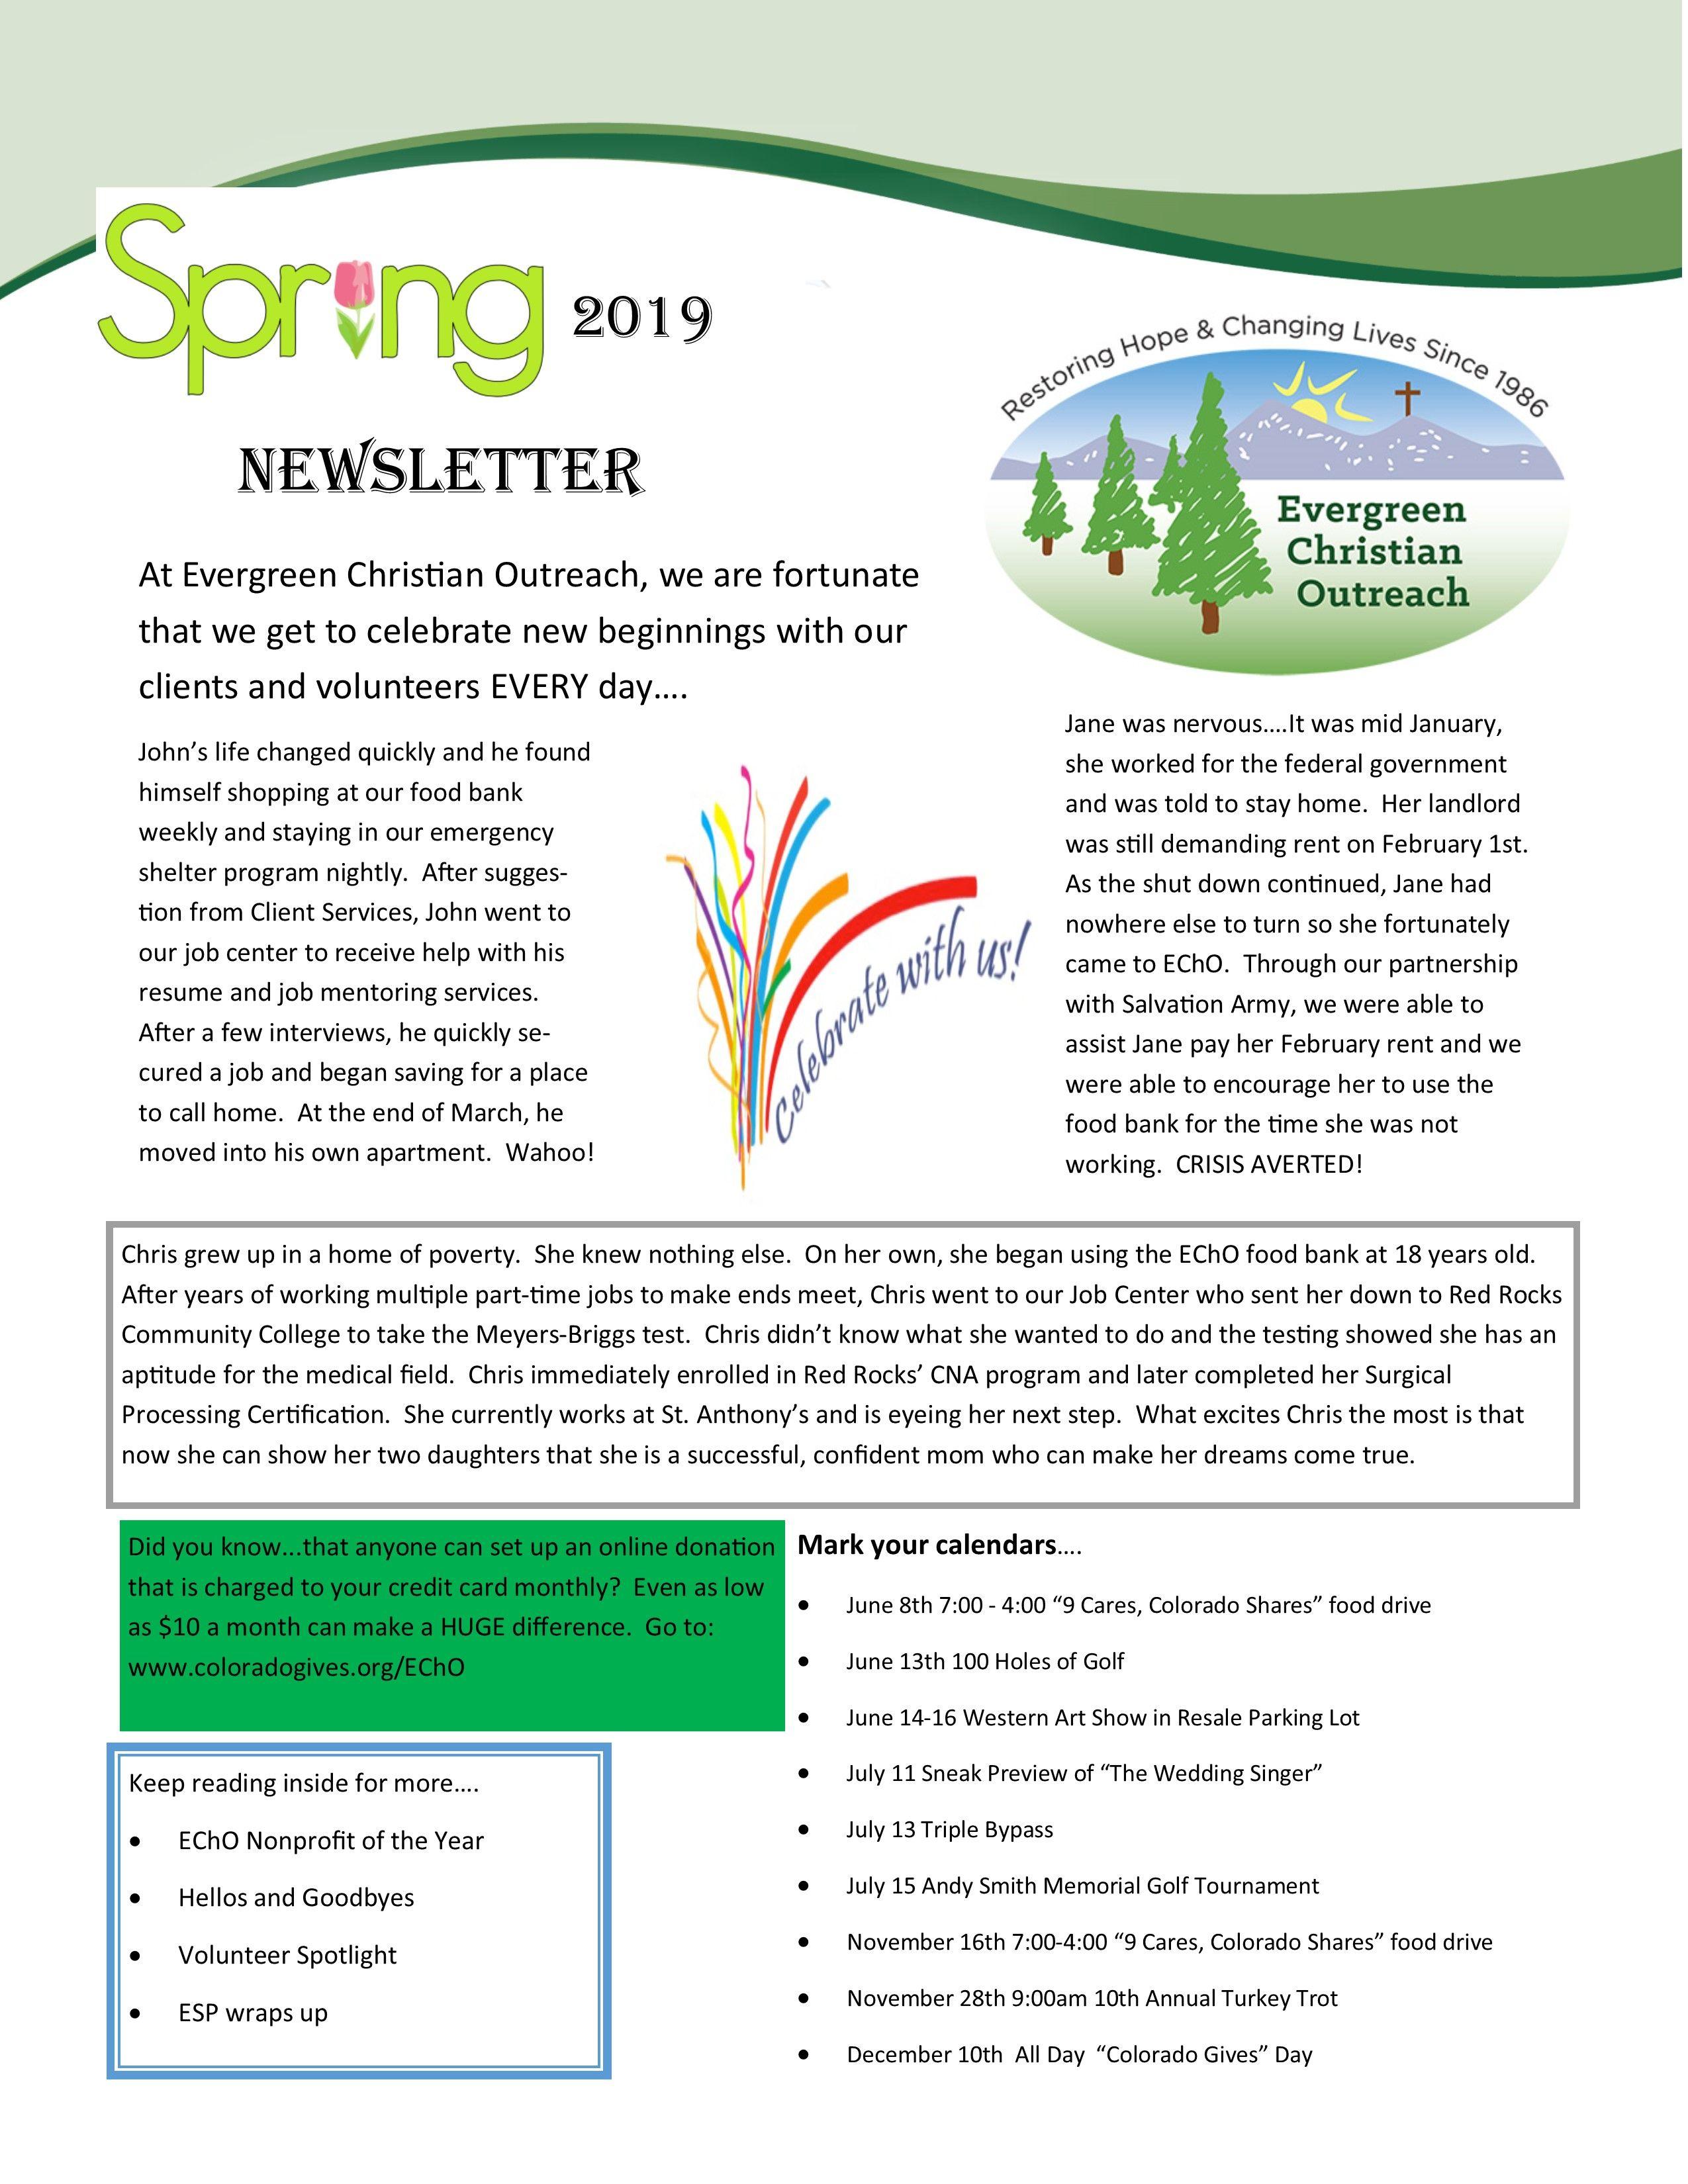 2019 Spring Newsletter